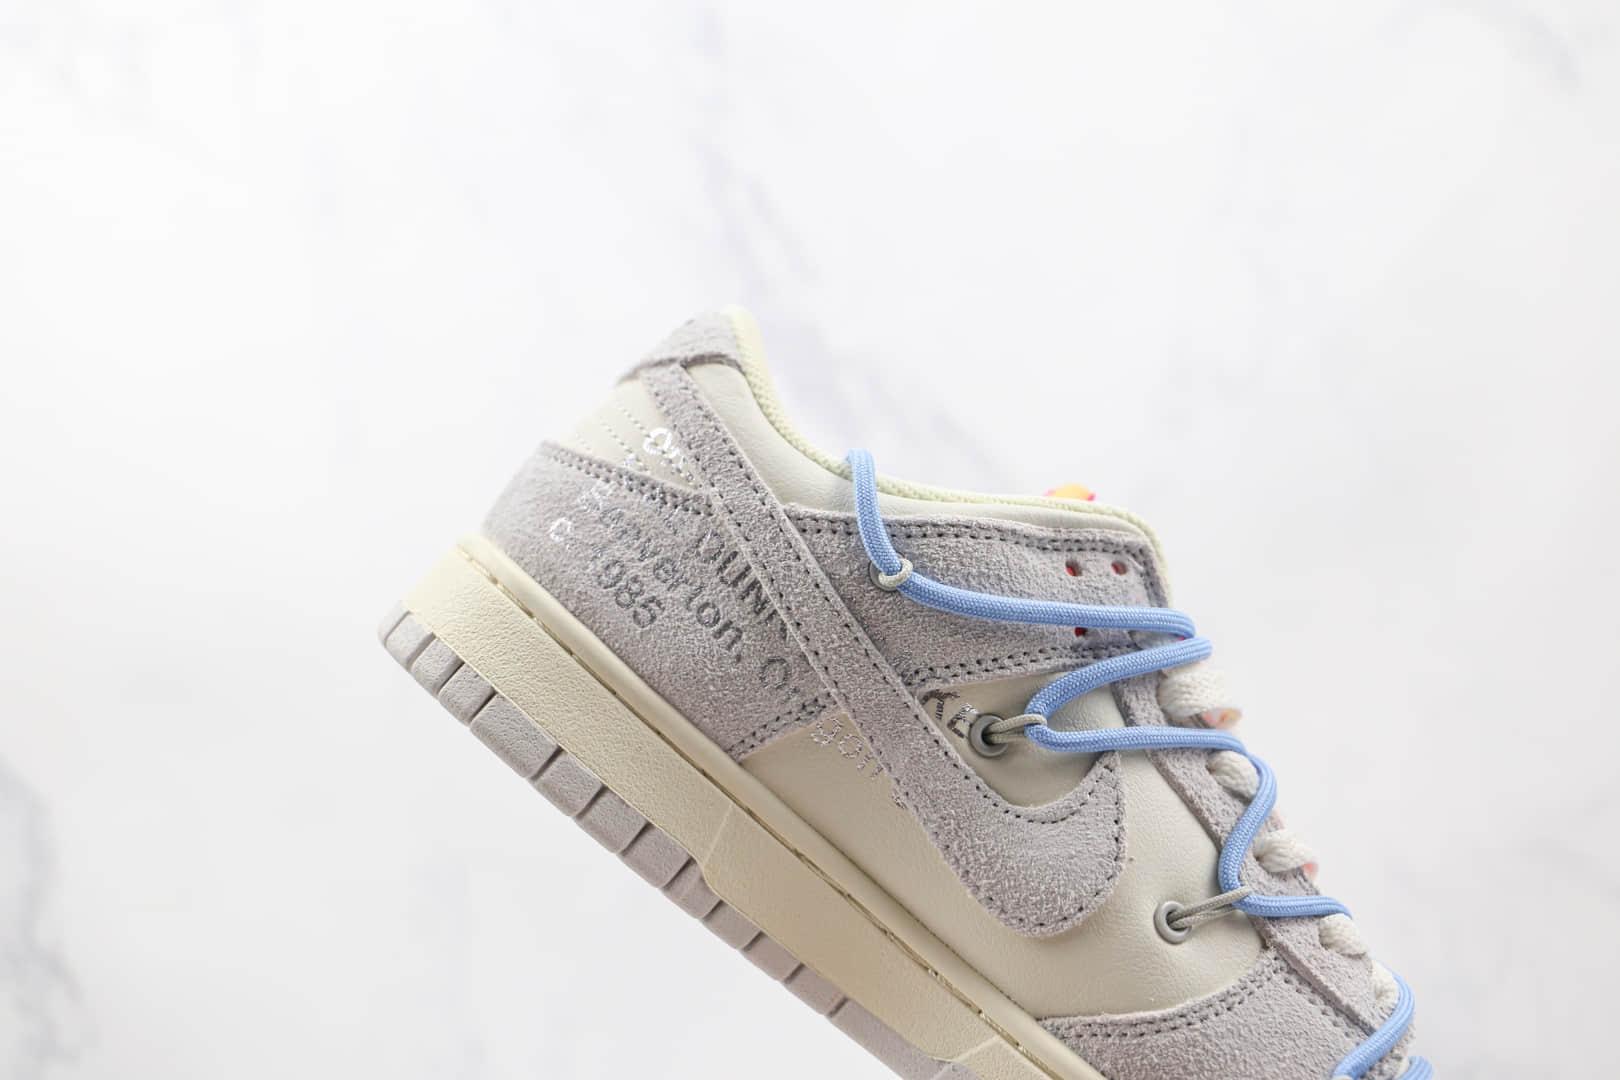 耐克Off-White x Nike Dunk Low 50公司级版本OW联名款低帮Dunk麂皮板鞋灰白蓝色原盒原标 货号:DJ0950-113